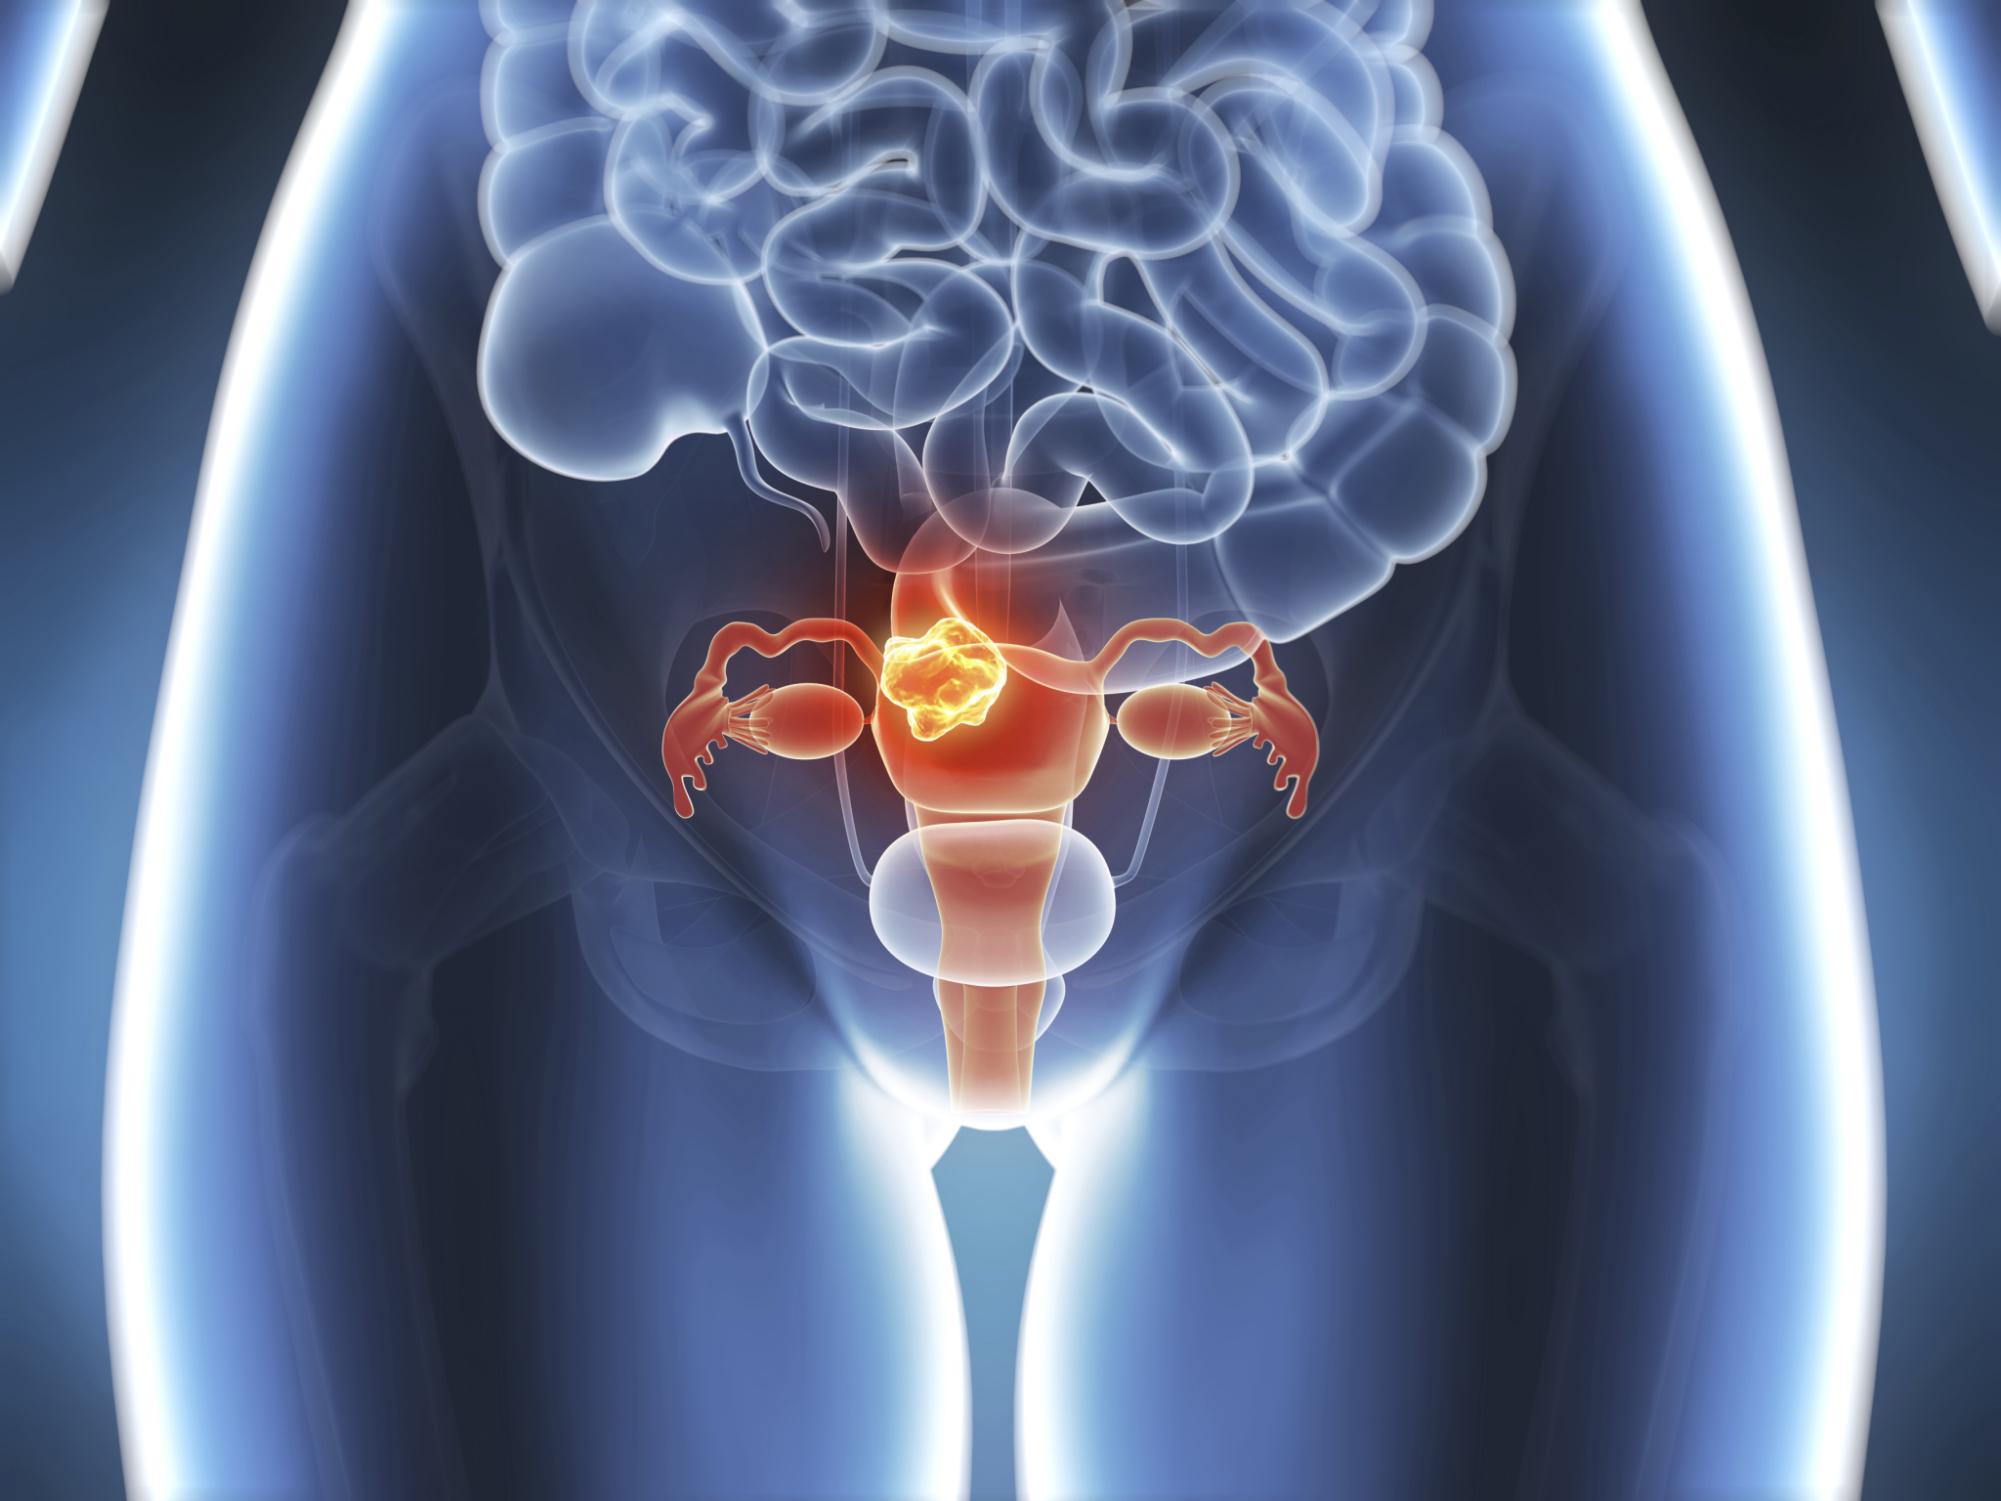 Prostata Kandal davolash mumkin - Massaggiatore per la prostata a San Pietroburgo